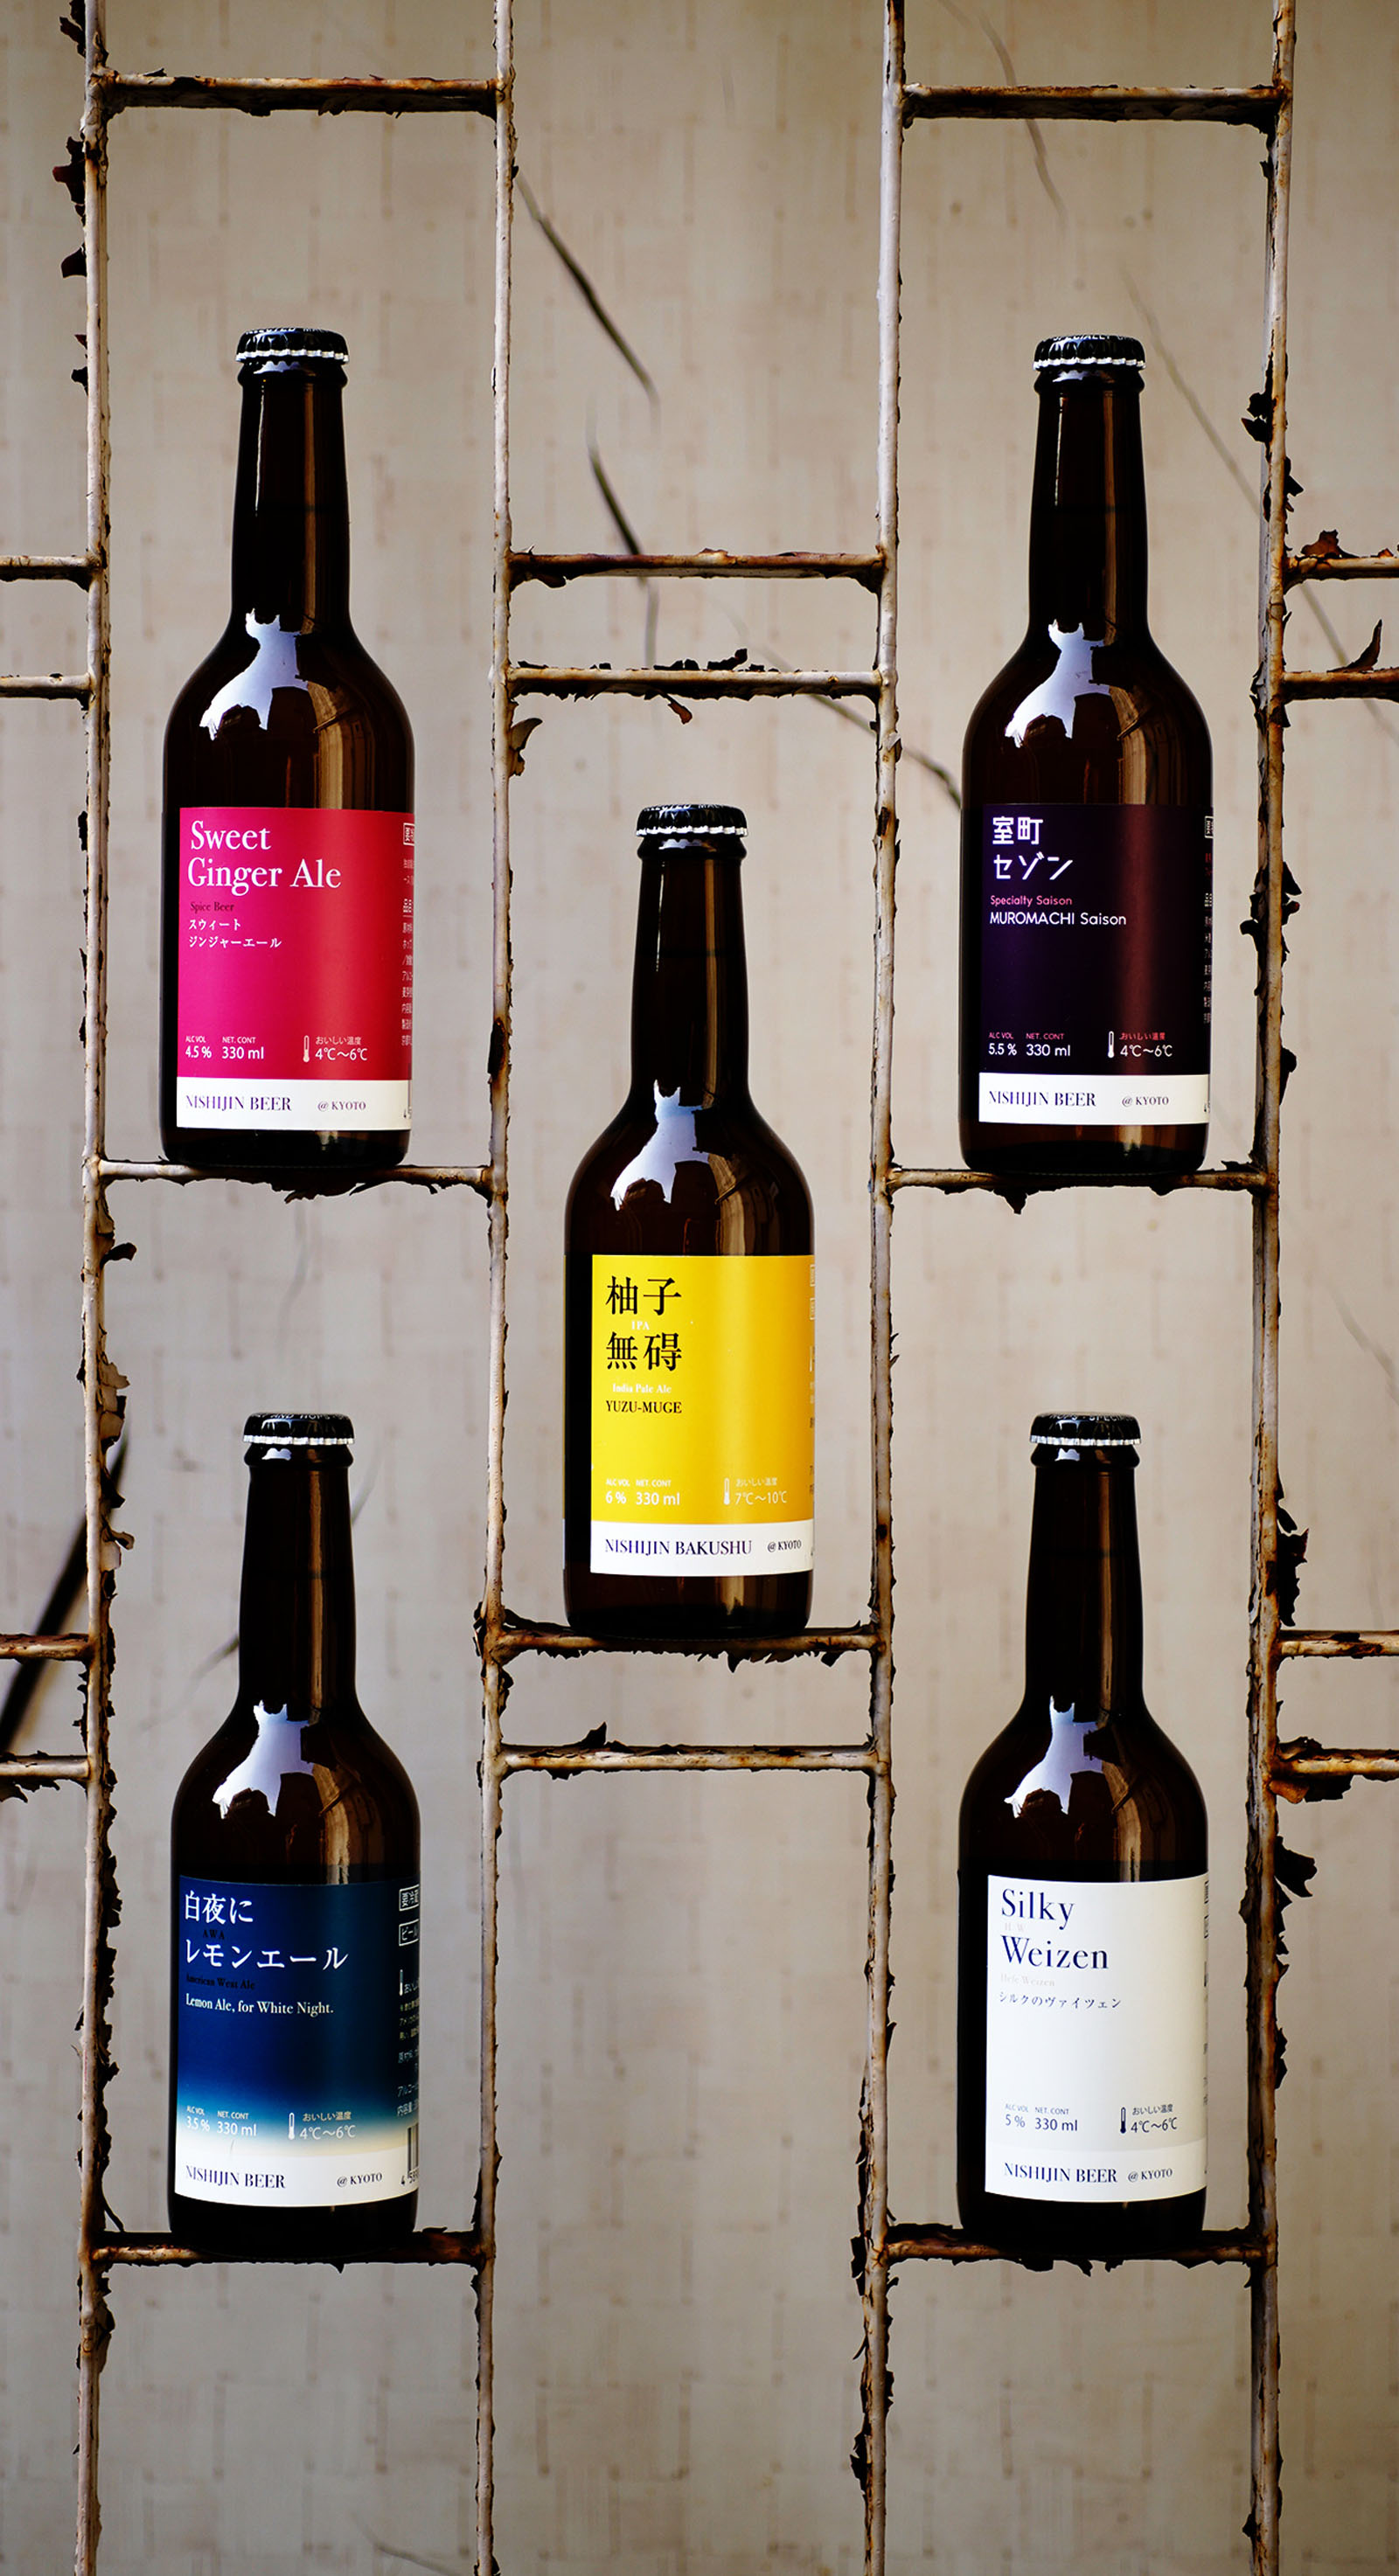 西陣麦酒には、色々なスタイルのビールをつくってます。